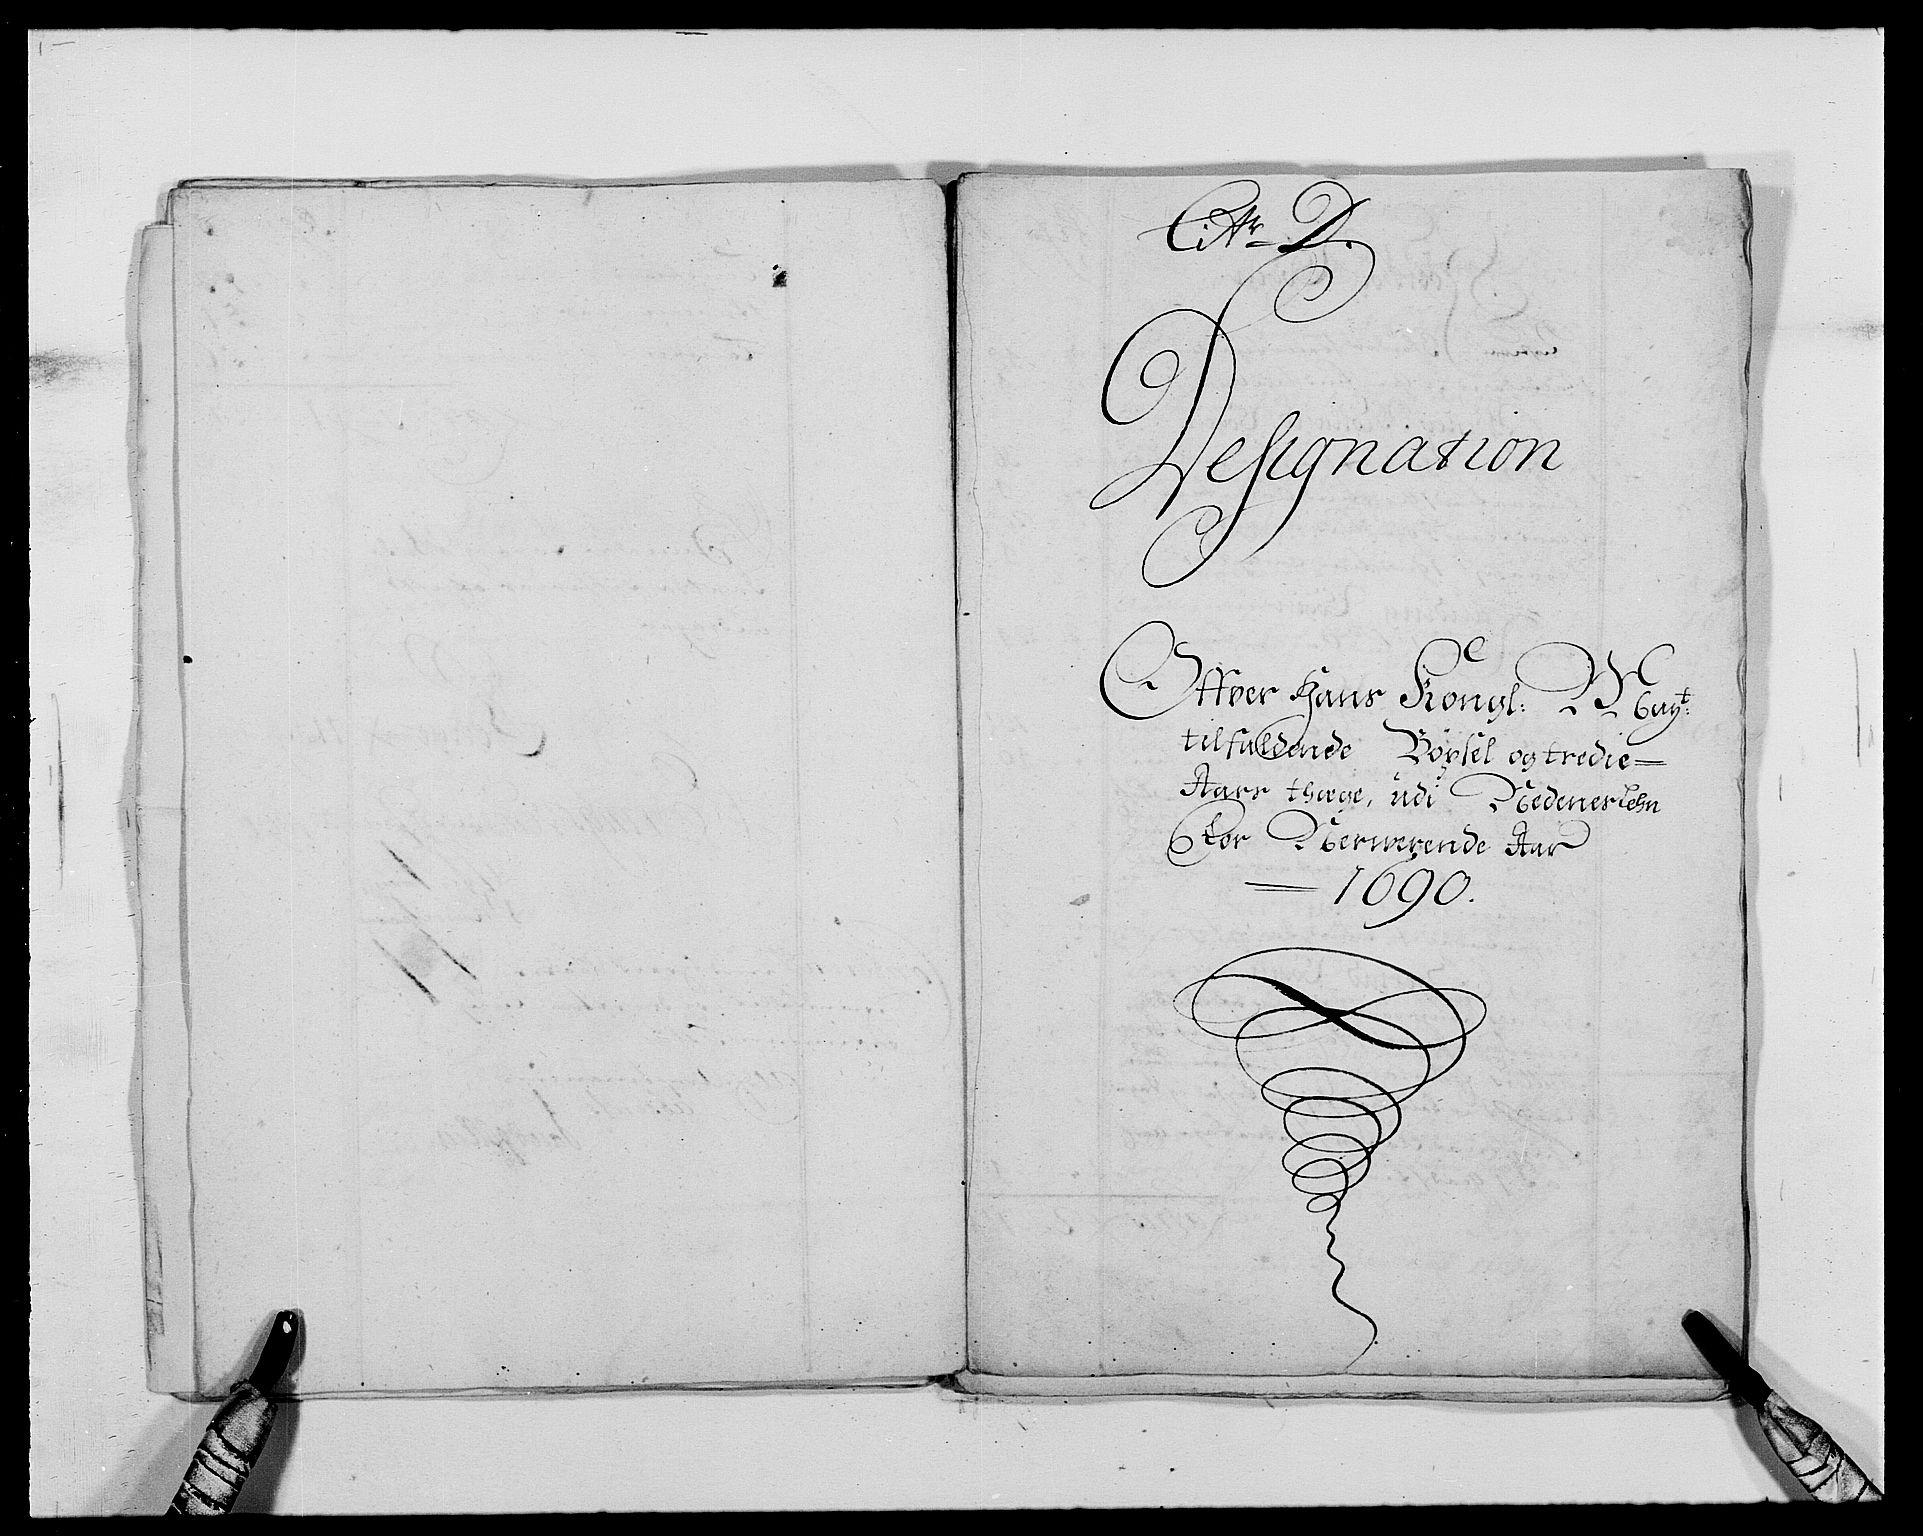 RA, Rentekammeret inntil 1814, Reviderte regnskaper, Fogderegnskap, R39/L2310: Fogderegnskap Nedenes, 1690-1692, s. 116